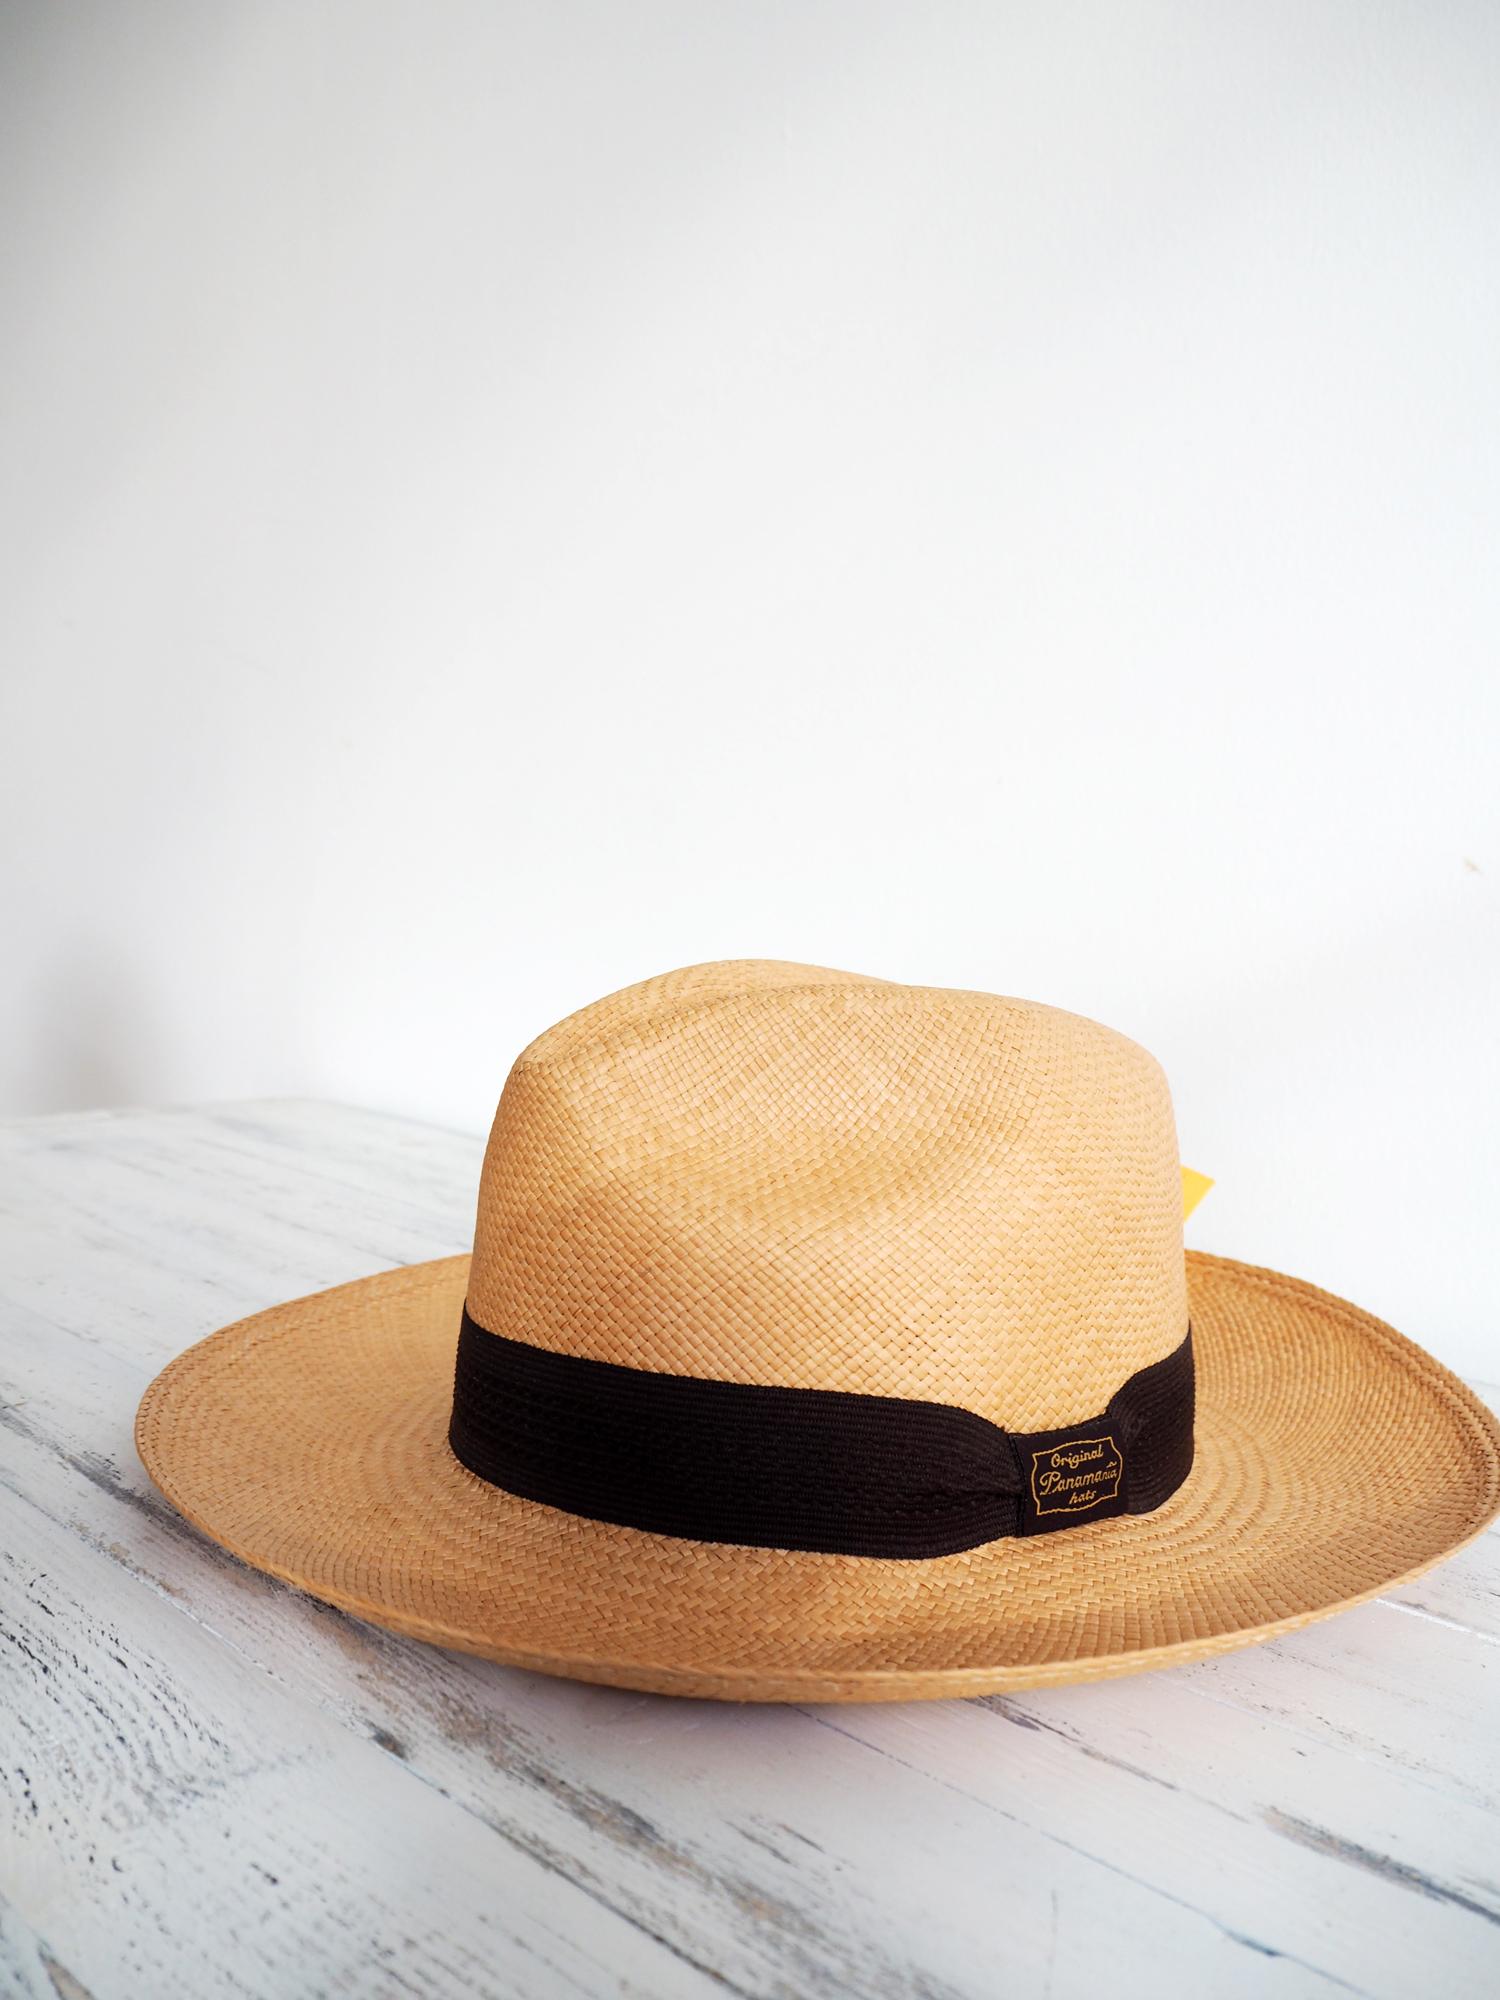 disfruta el precio de liquidación Cantidad limitada imágenes detalladas Sombrero Panamá — Degüayhaus